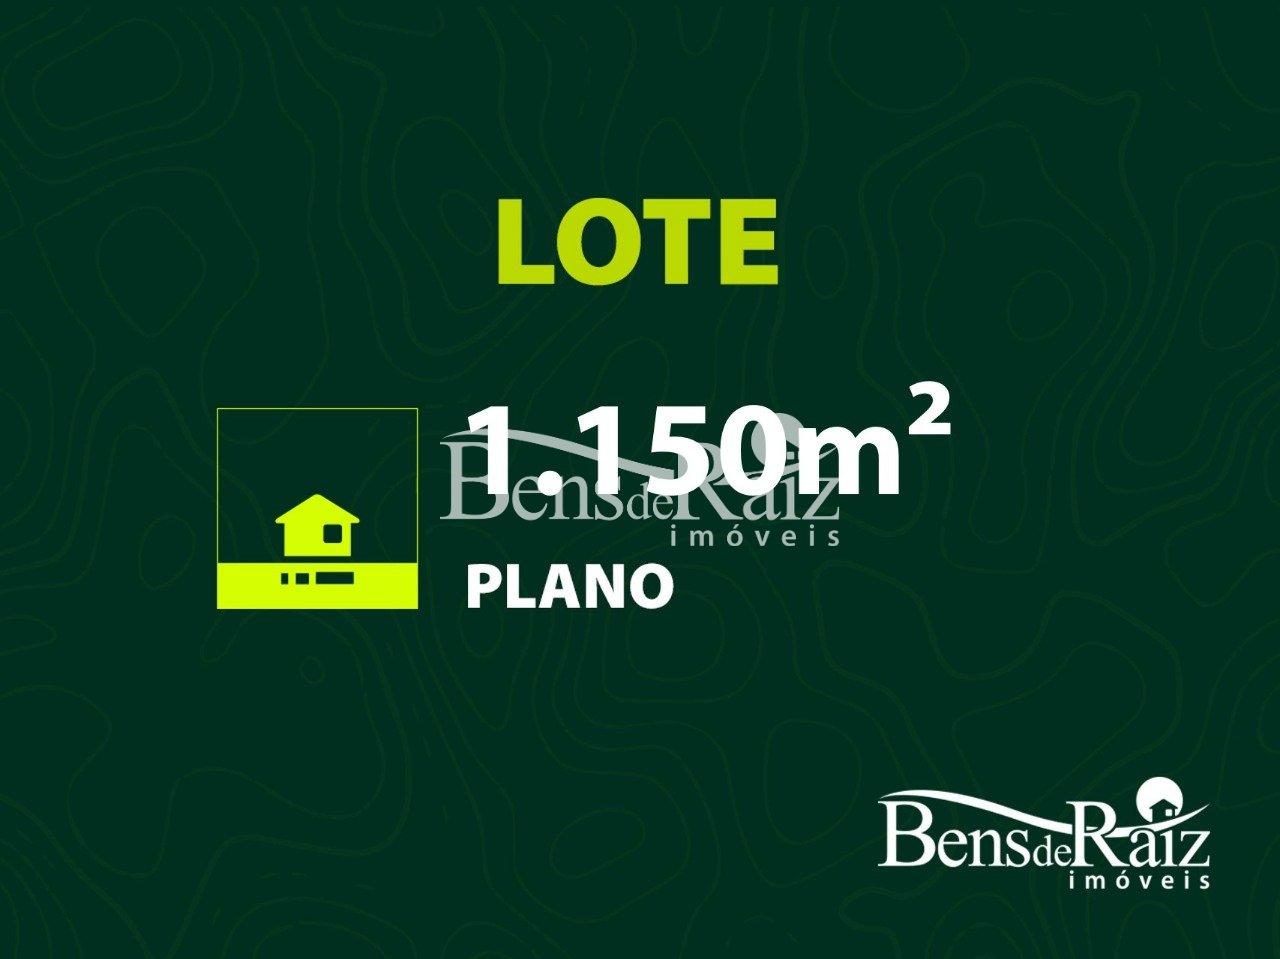 Lotes em Condomínio de 1.150m², à venda